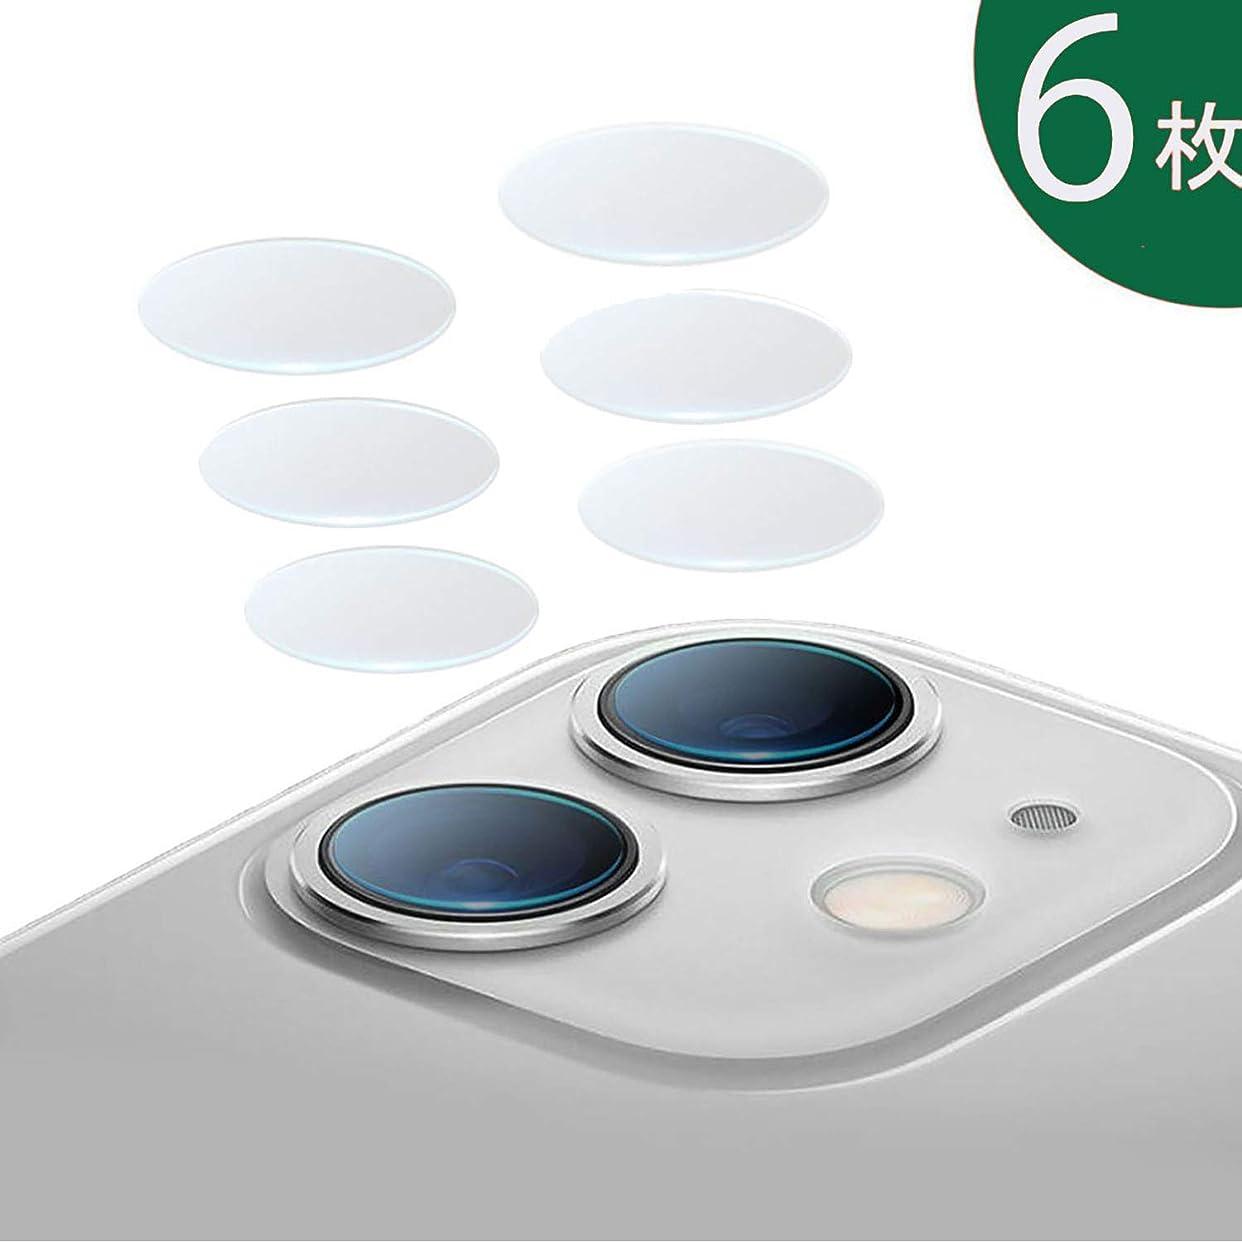 鉄行為首iphone 11 フィルム カメラ保護フィルム iphone 11 6.1カメラガラスフィルム 米軍MIL規格取得 超薄0.18mm 高透過率 /硬度9H/自動吸着/キズ防止 iphone 11 レンズ保護フィルム iphone 11 カメラフイルム [6枚入り]